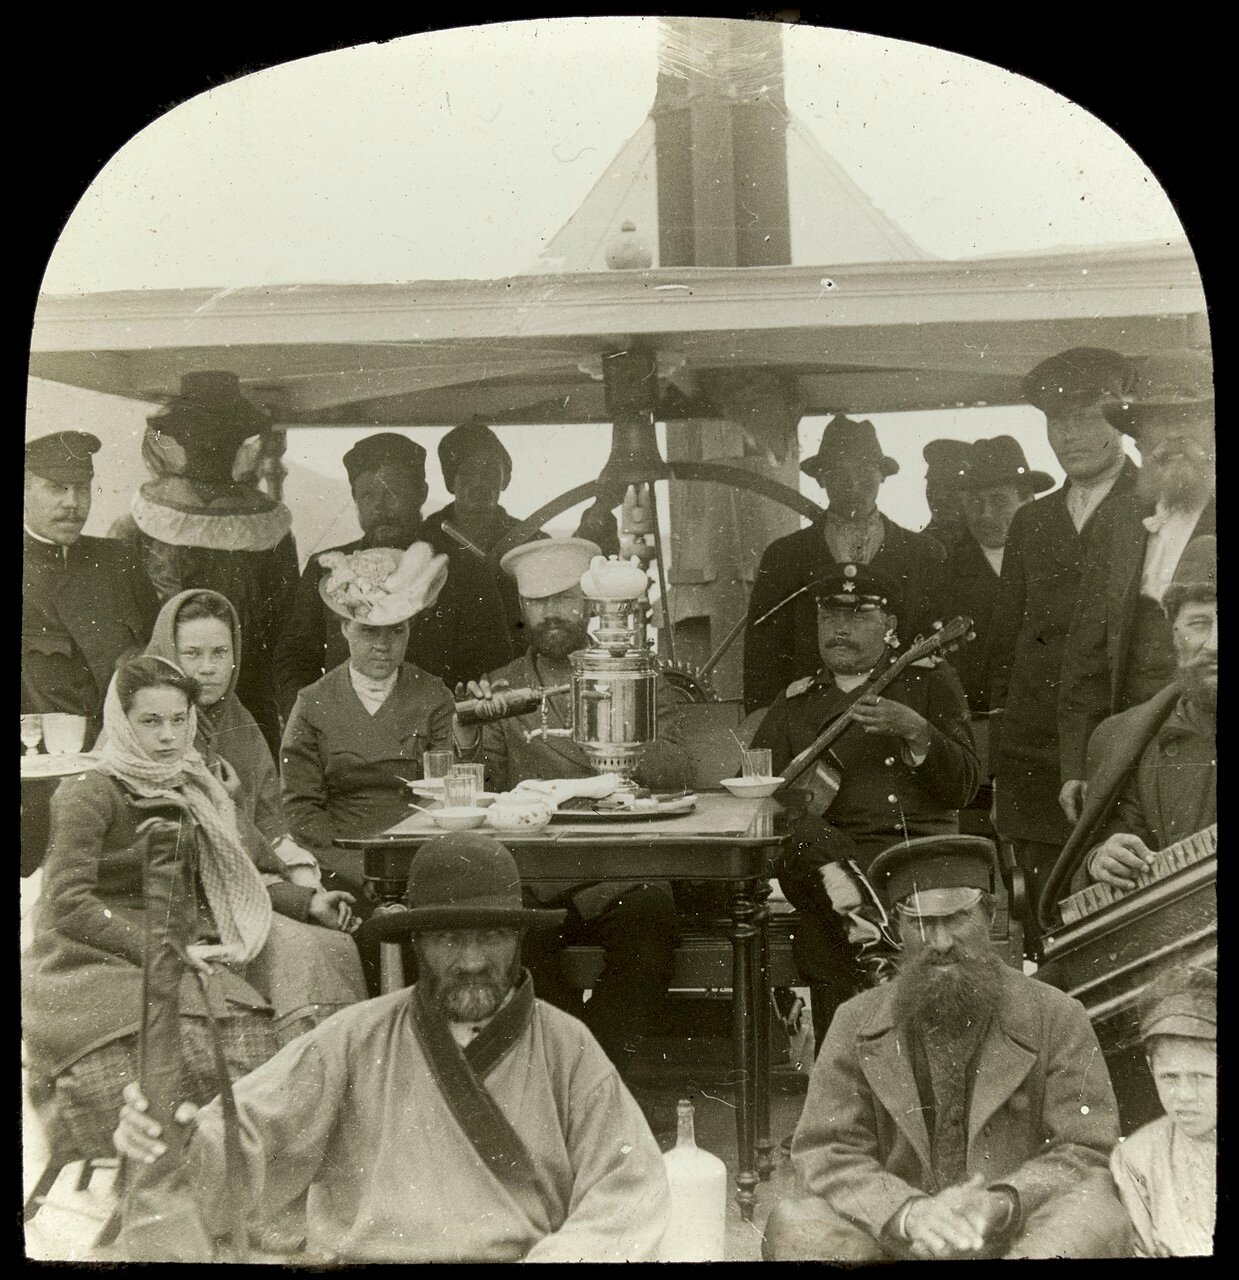 Группа людей на корабле во время поездки по реке Лена